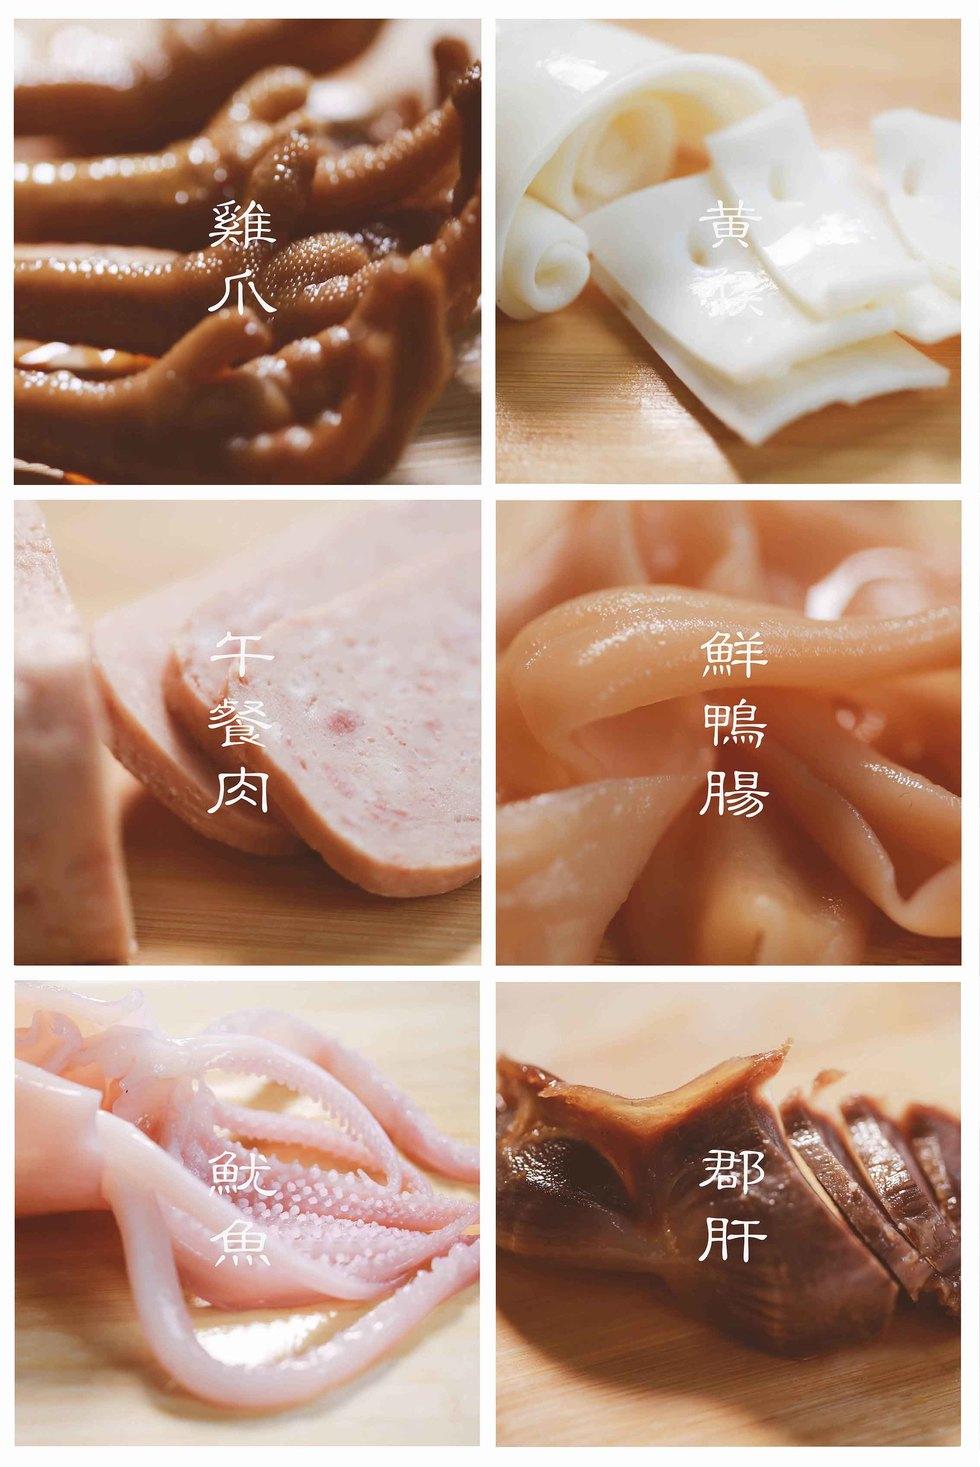 乌鲁木齐商业广告,乌鲁木齐广告摄影